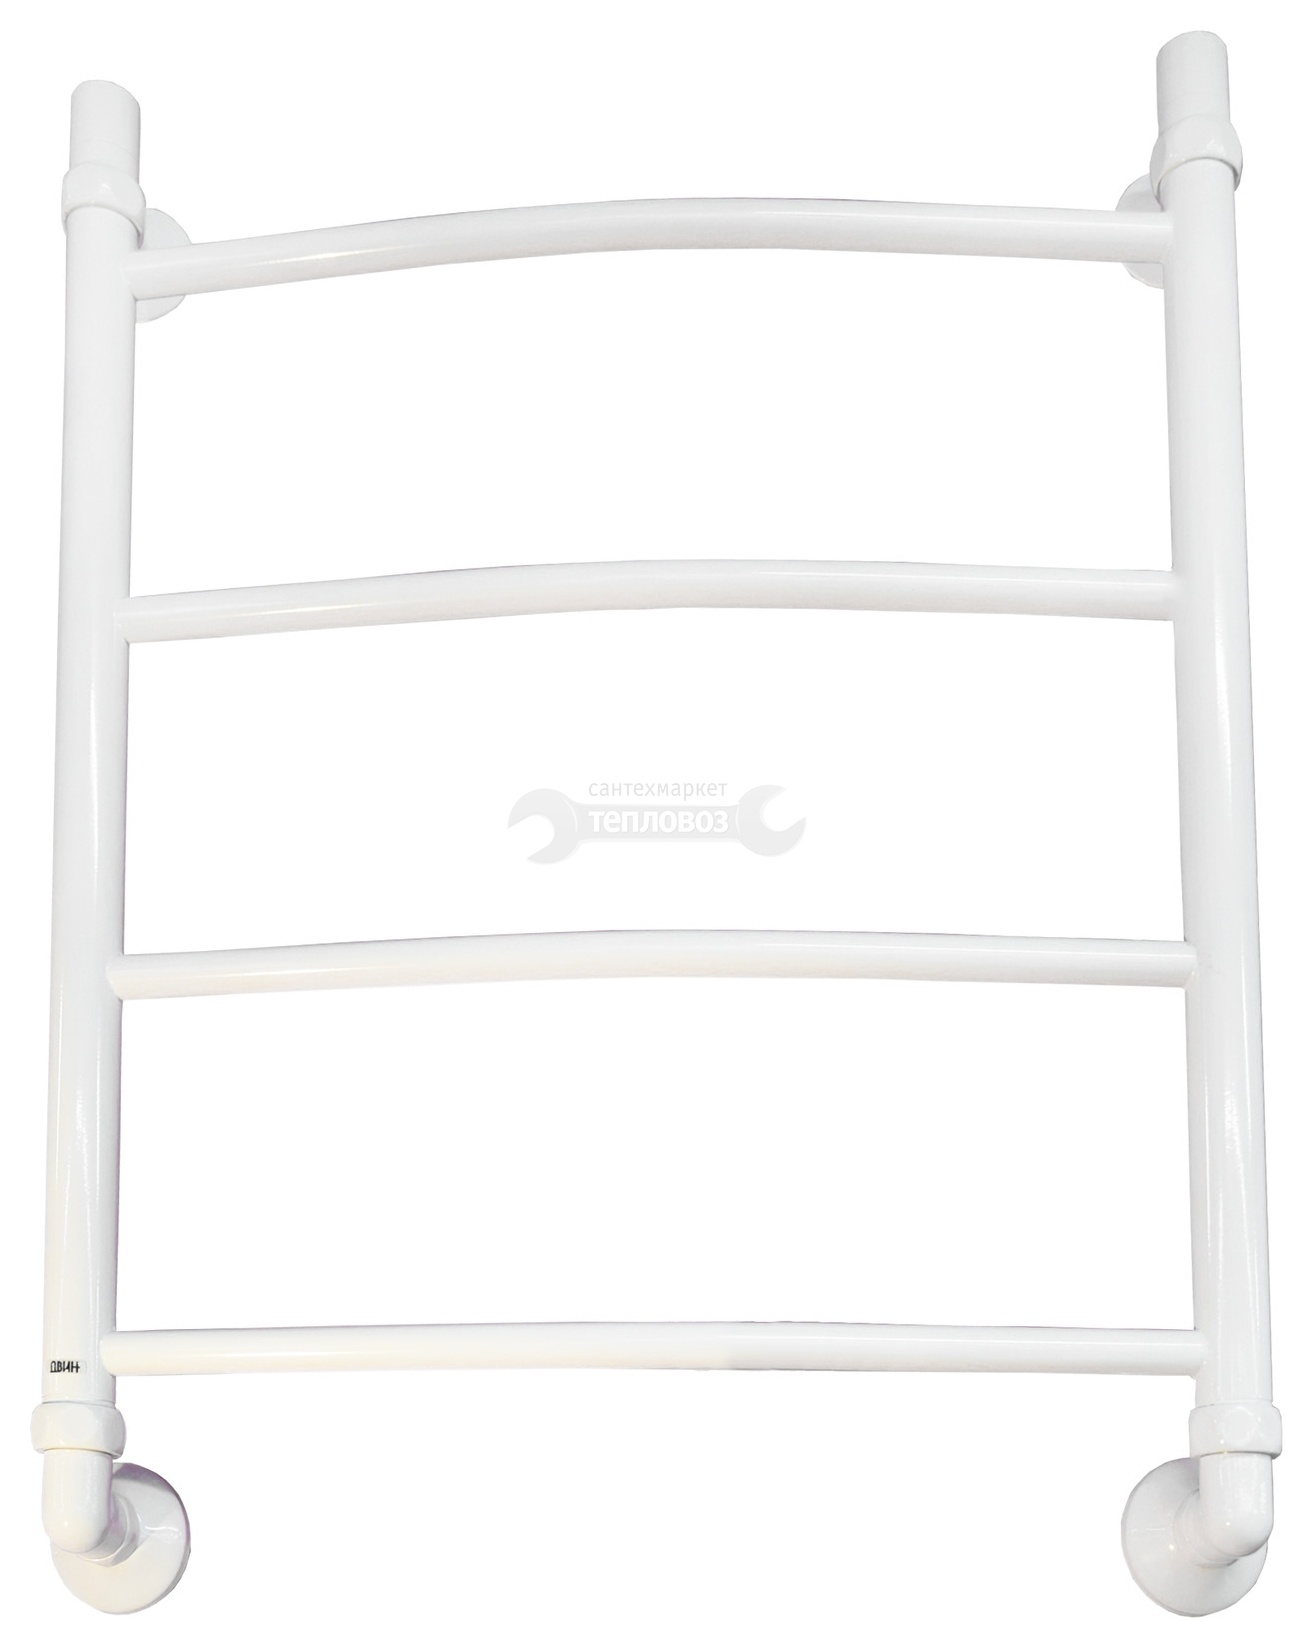 Купить Двин R, 60х50 см, белый в интернет-магазине Дождь